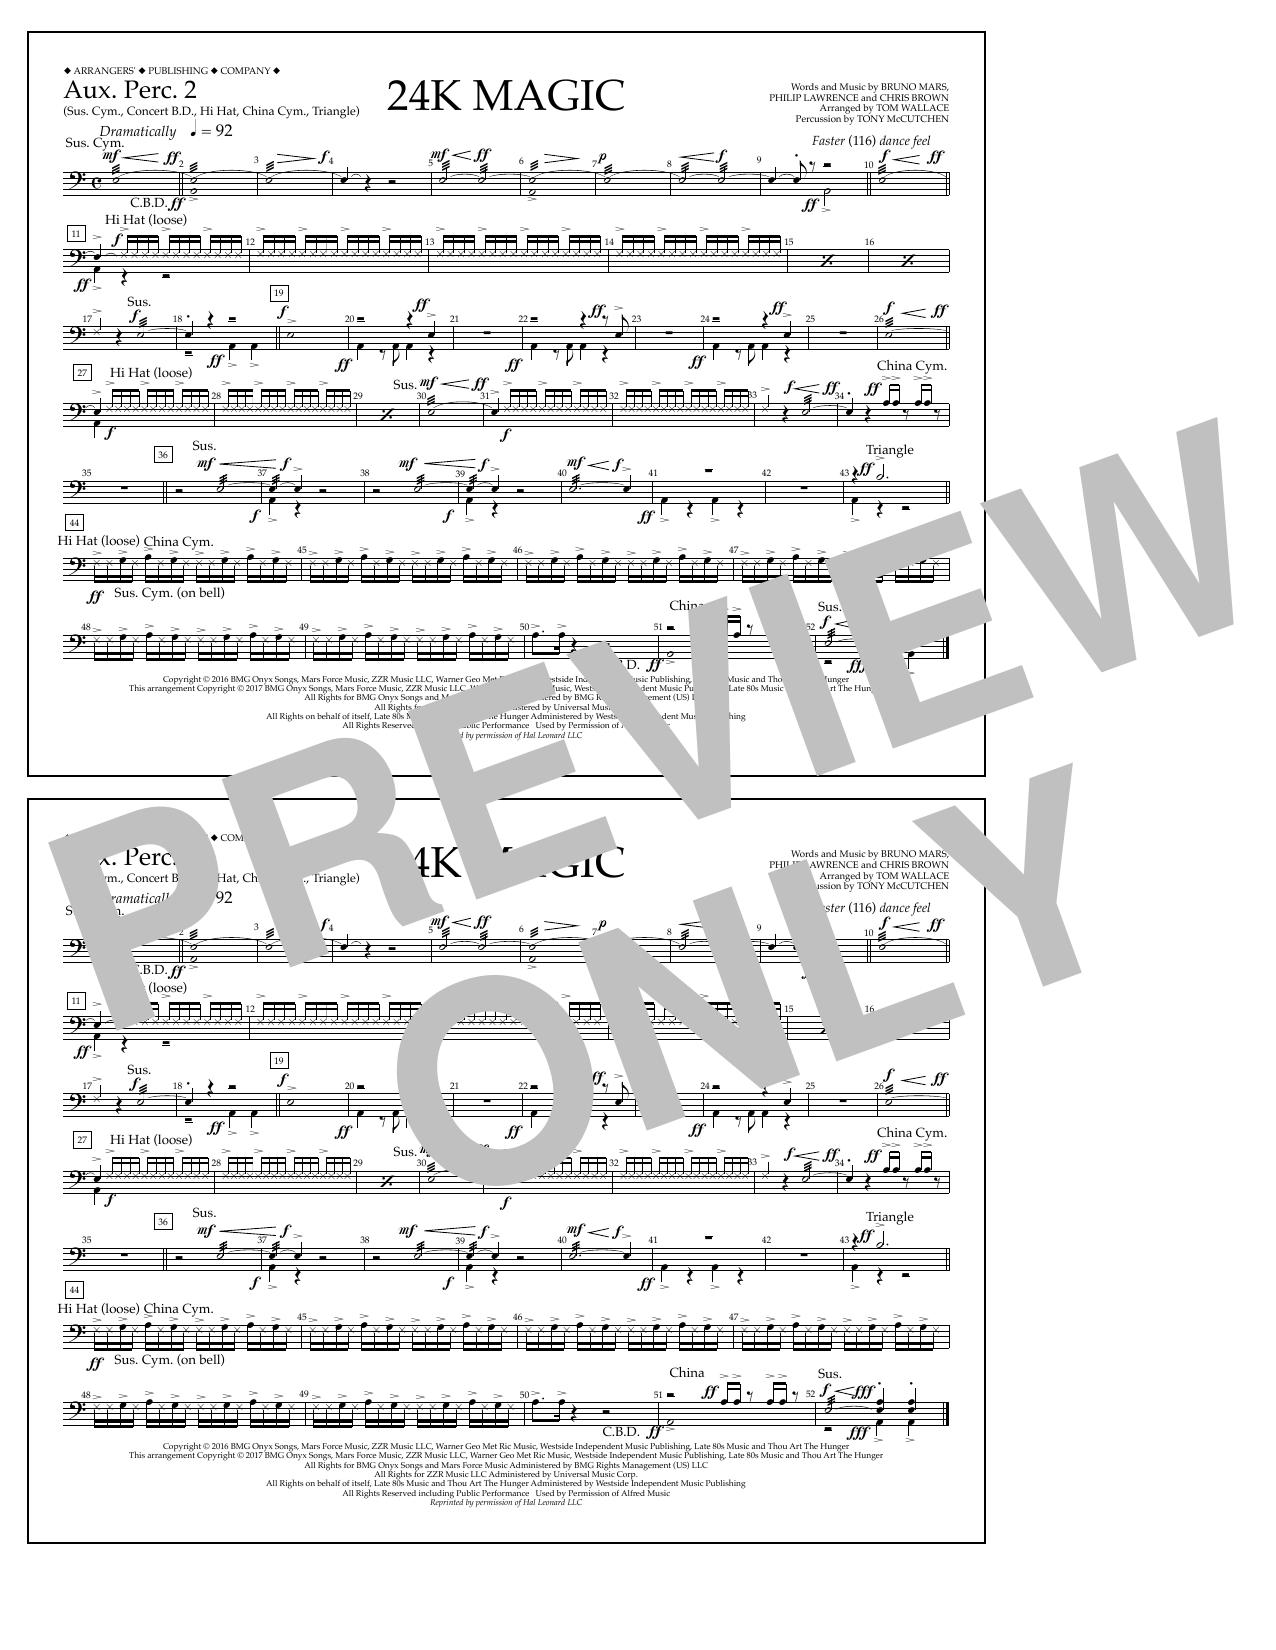 24K Magic - Aux. Perc. 2 Sheet Music